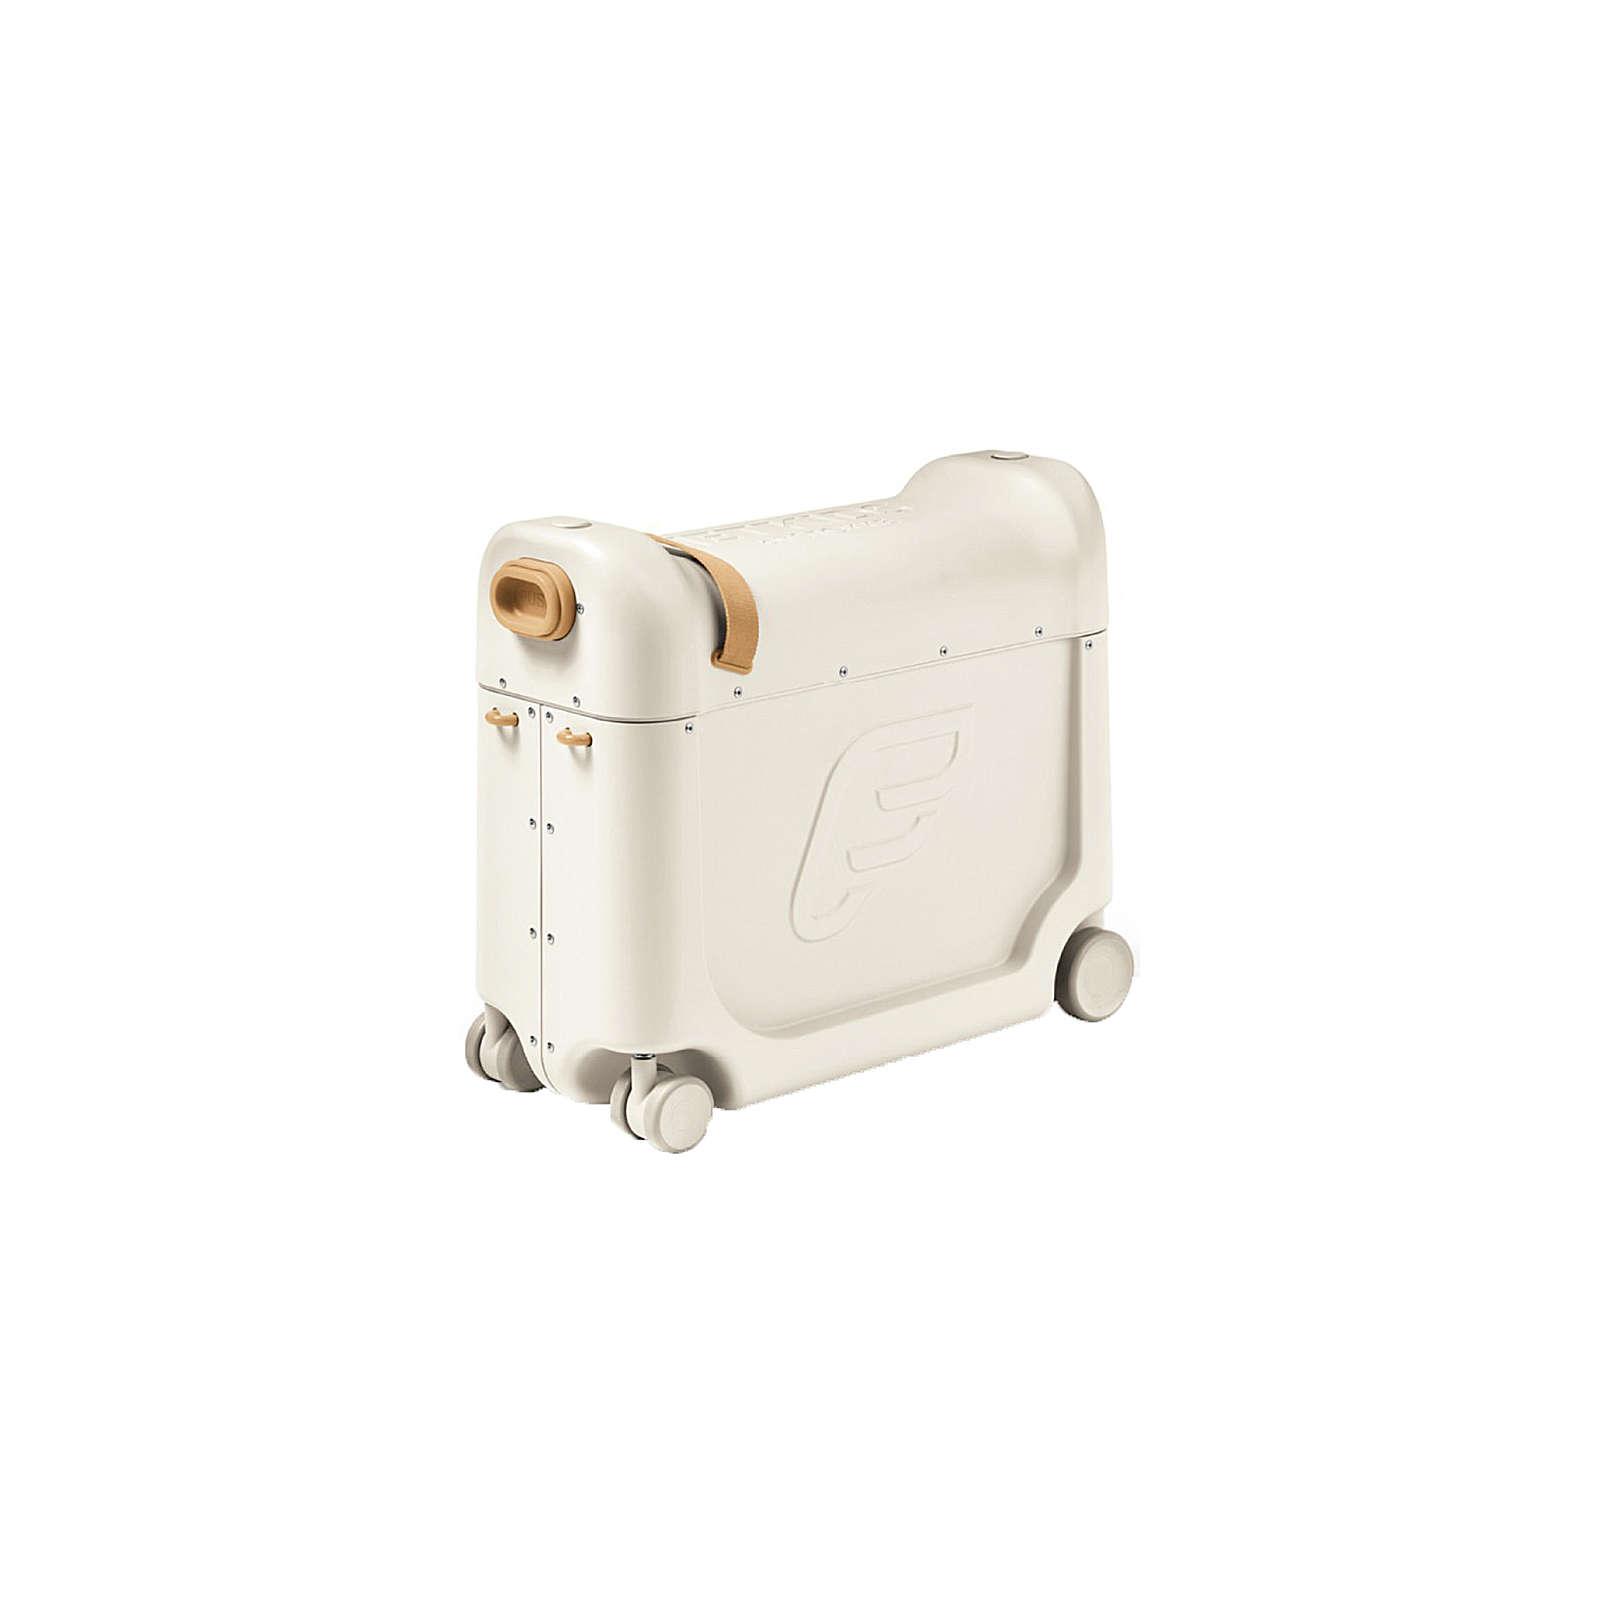 Reisekoffer BedBox, JetKids by Stokke, Full Moon beige